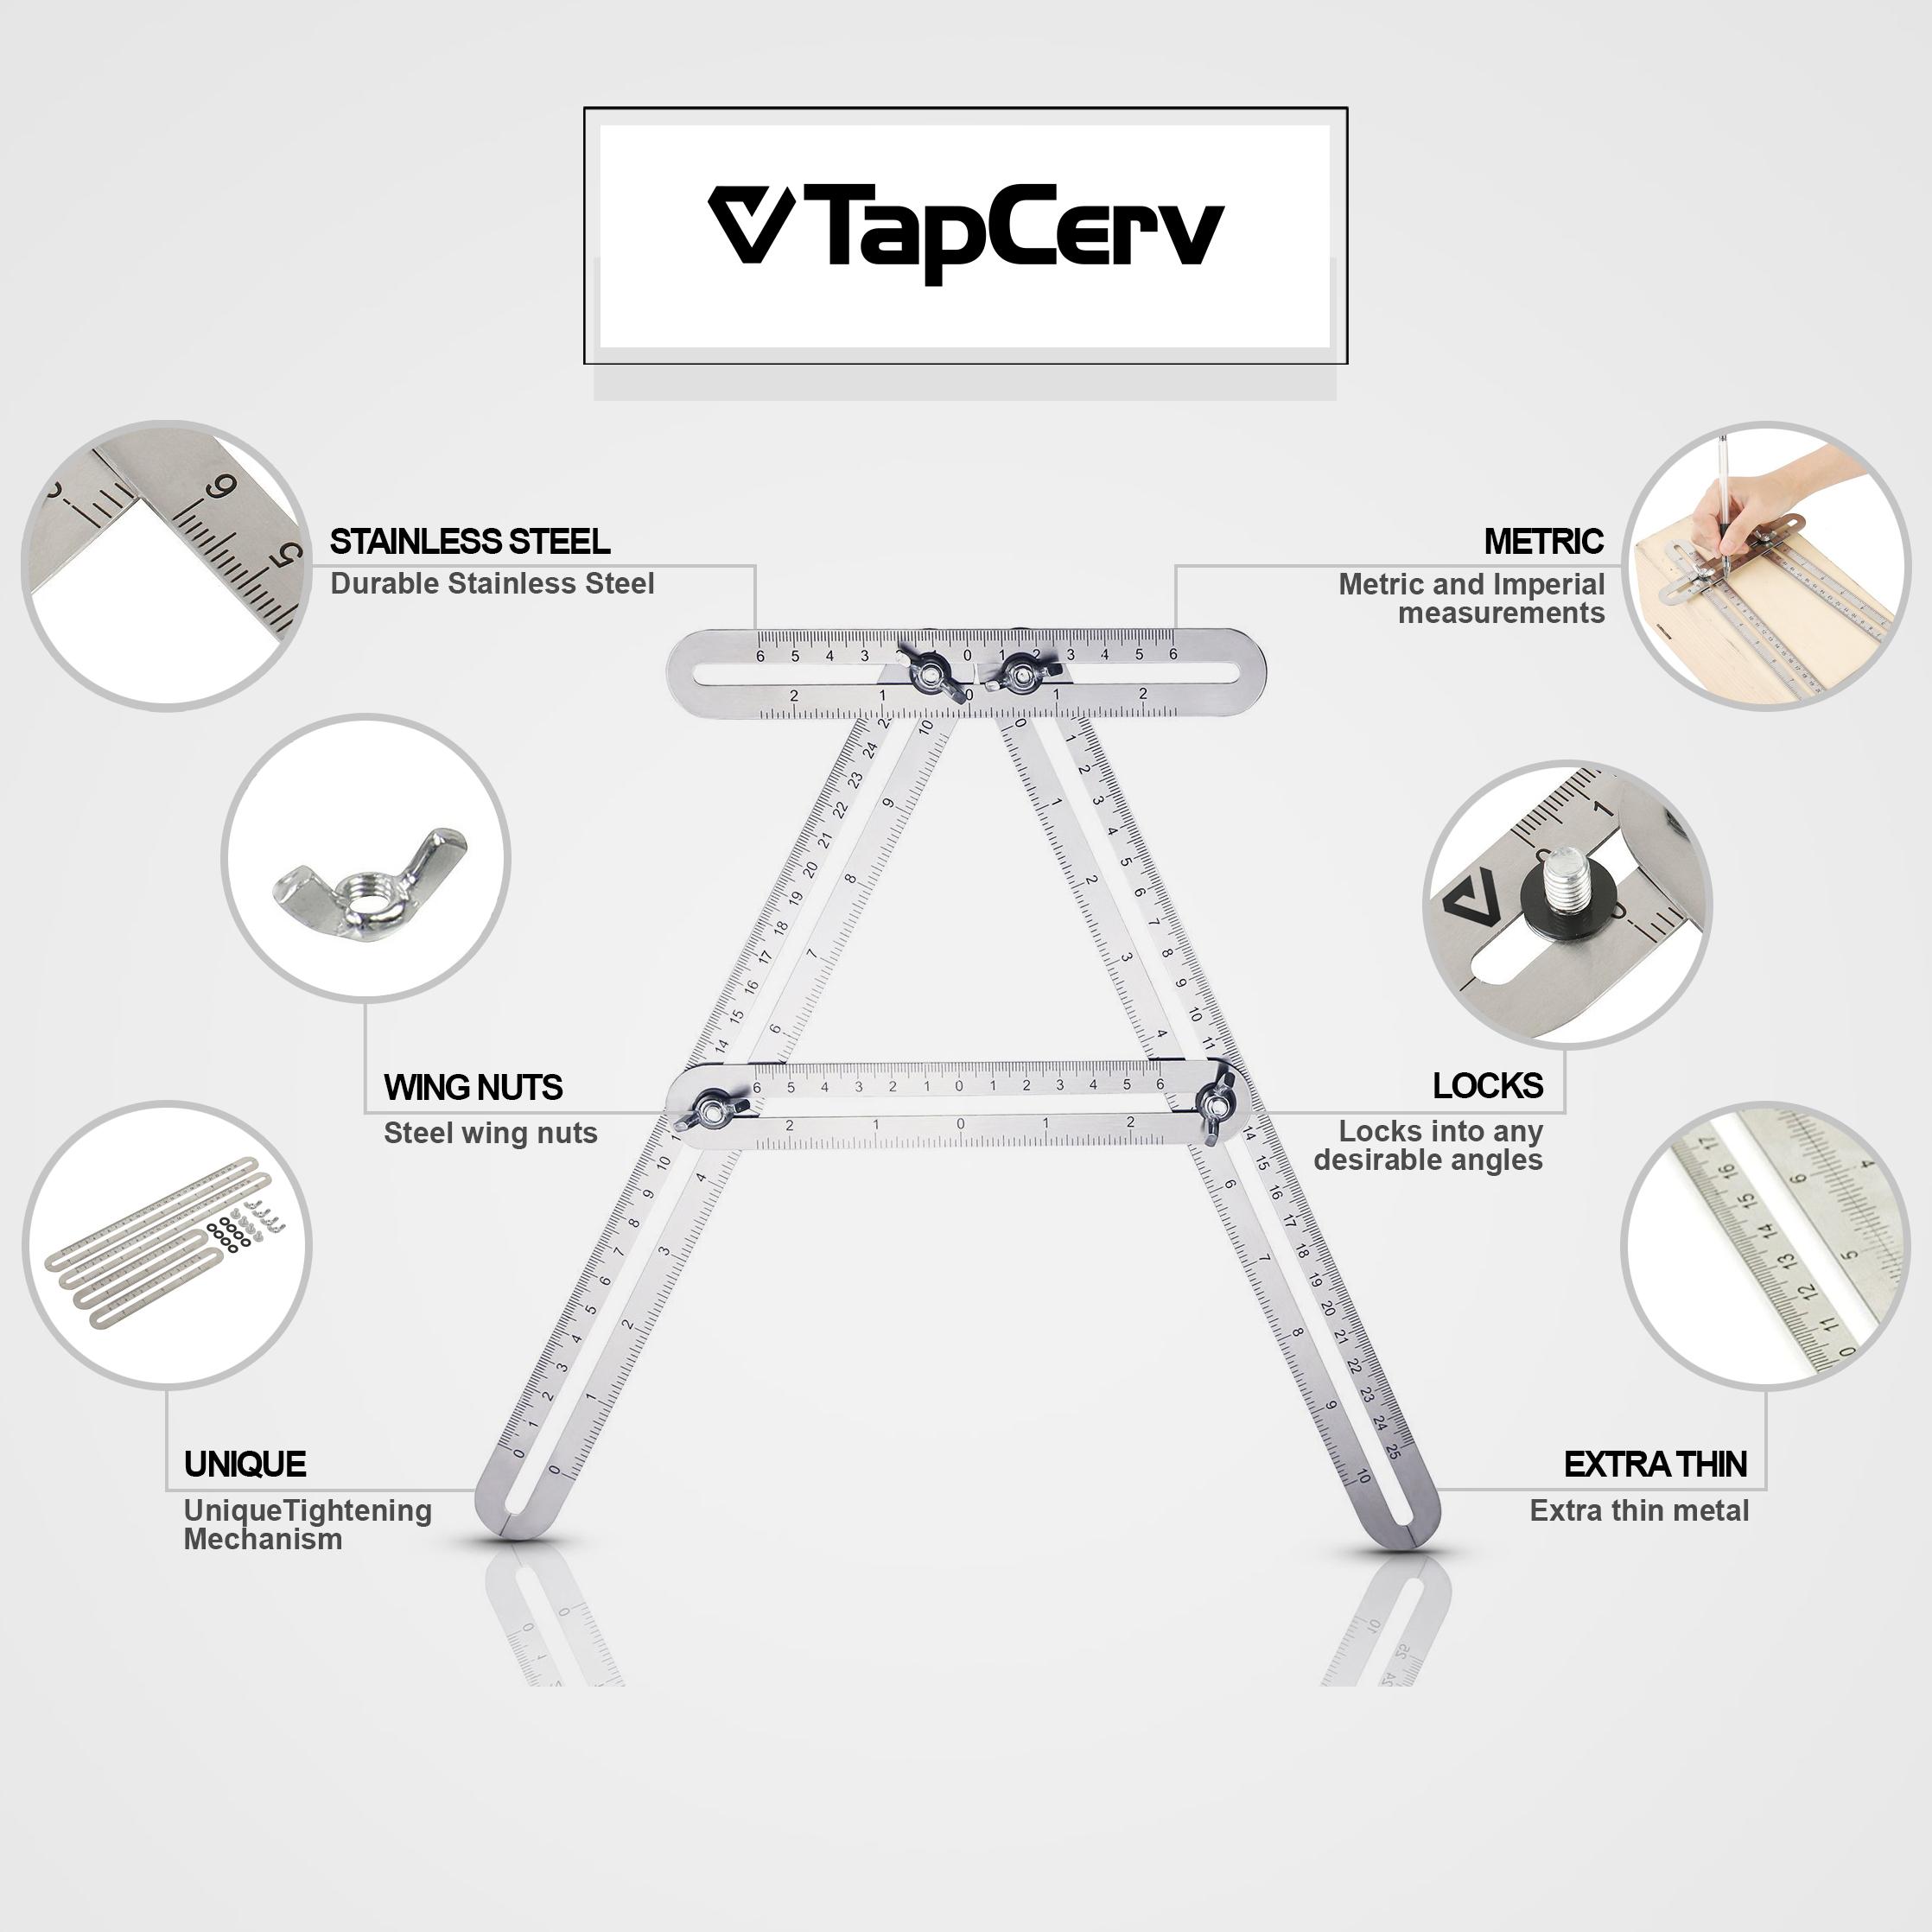 tap-cerv_draft_3.jpg